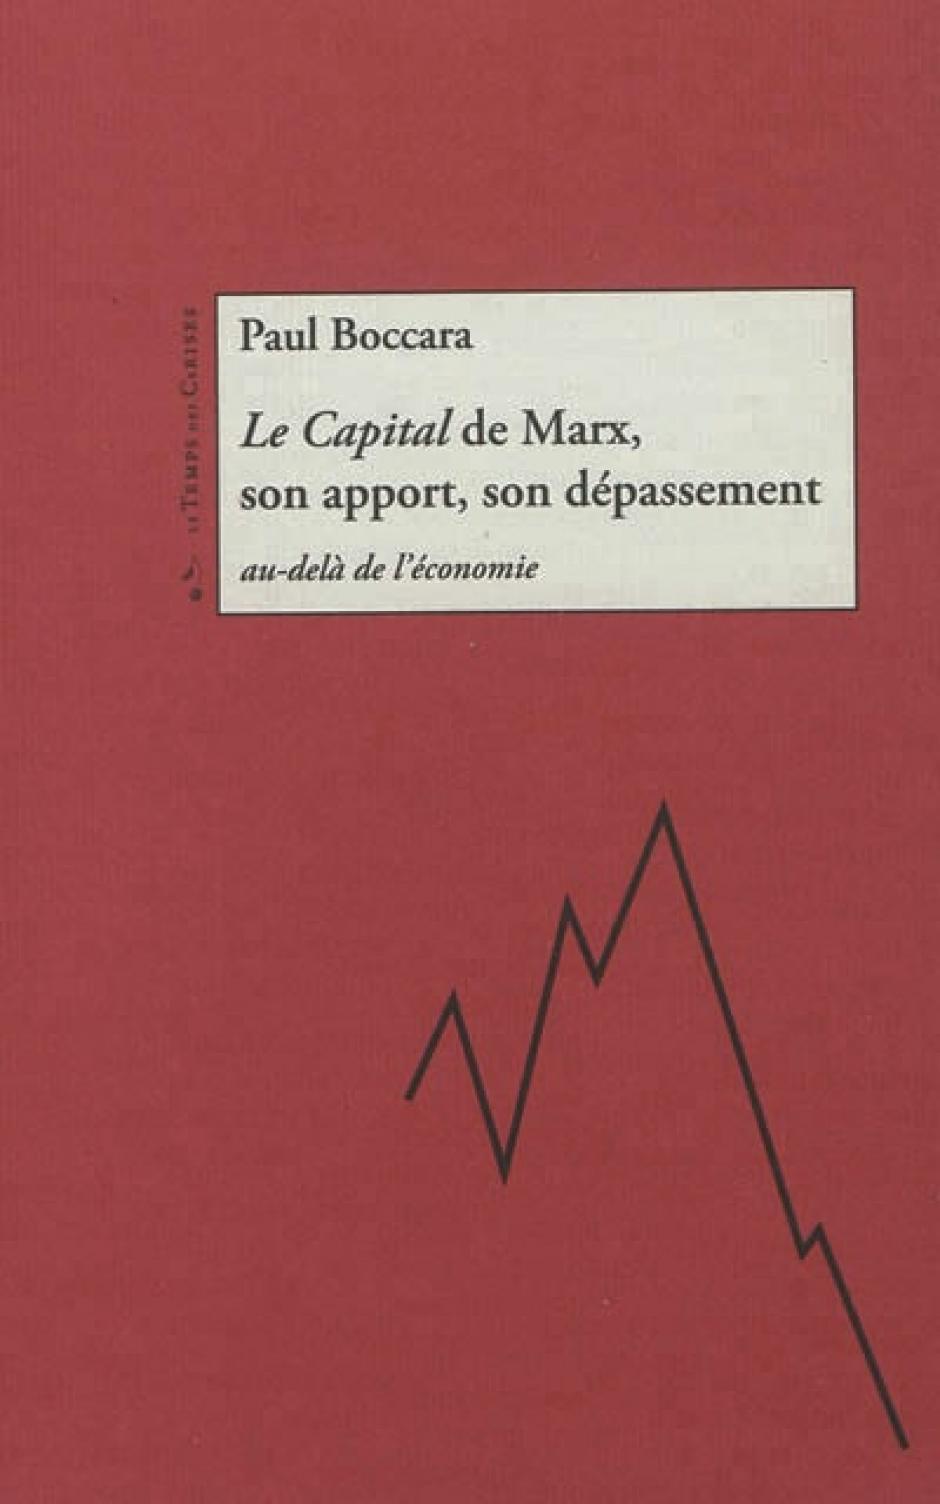 Le Capital de Marx, son apport, son dépassement au-delà de l'économie, Paul Boccara